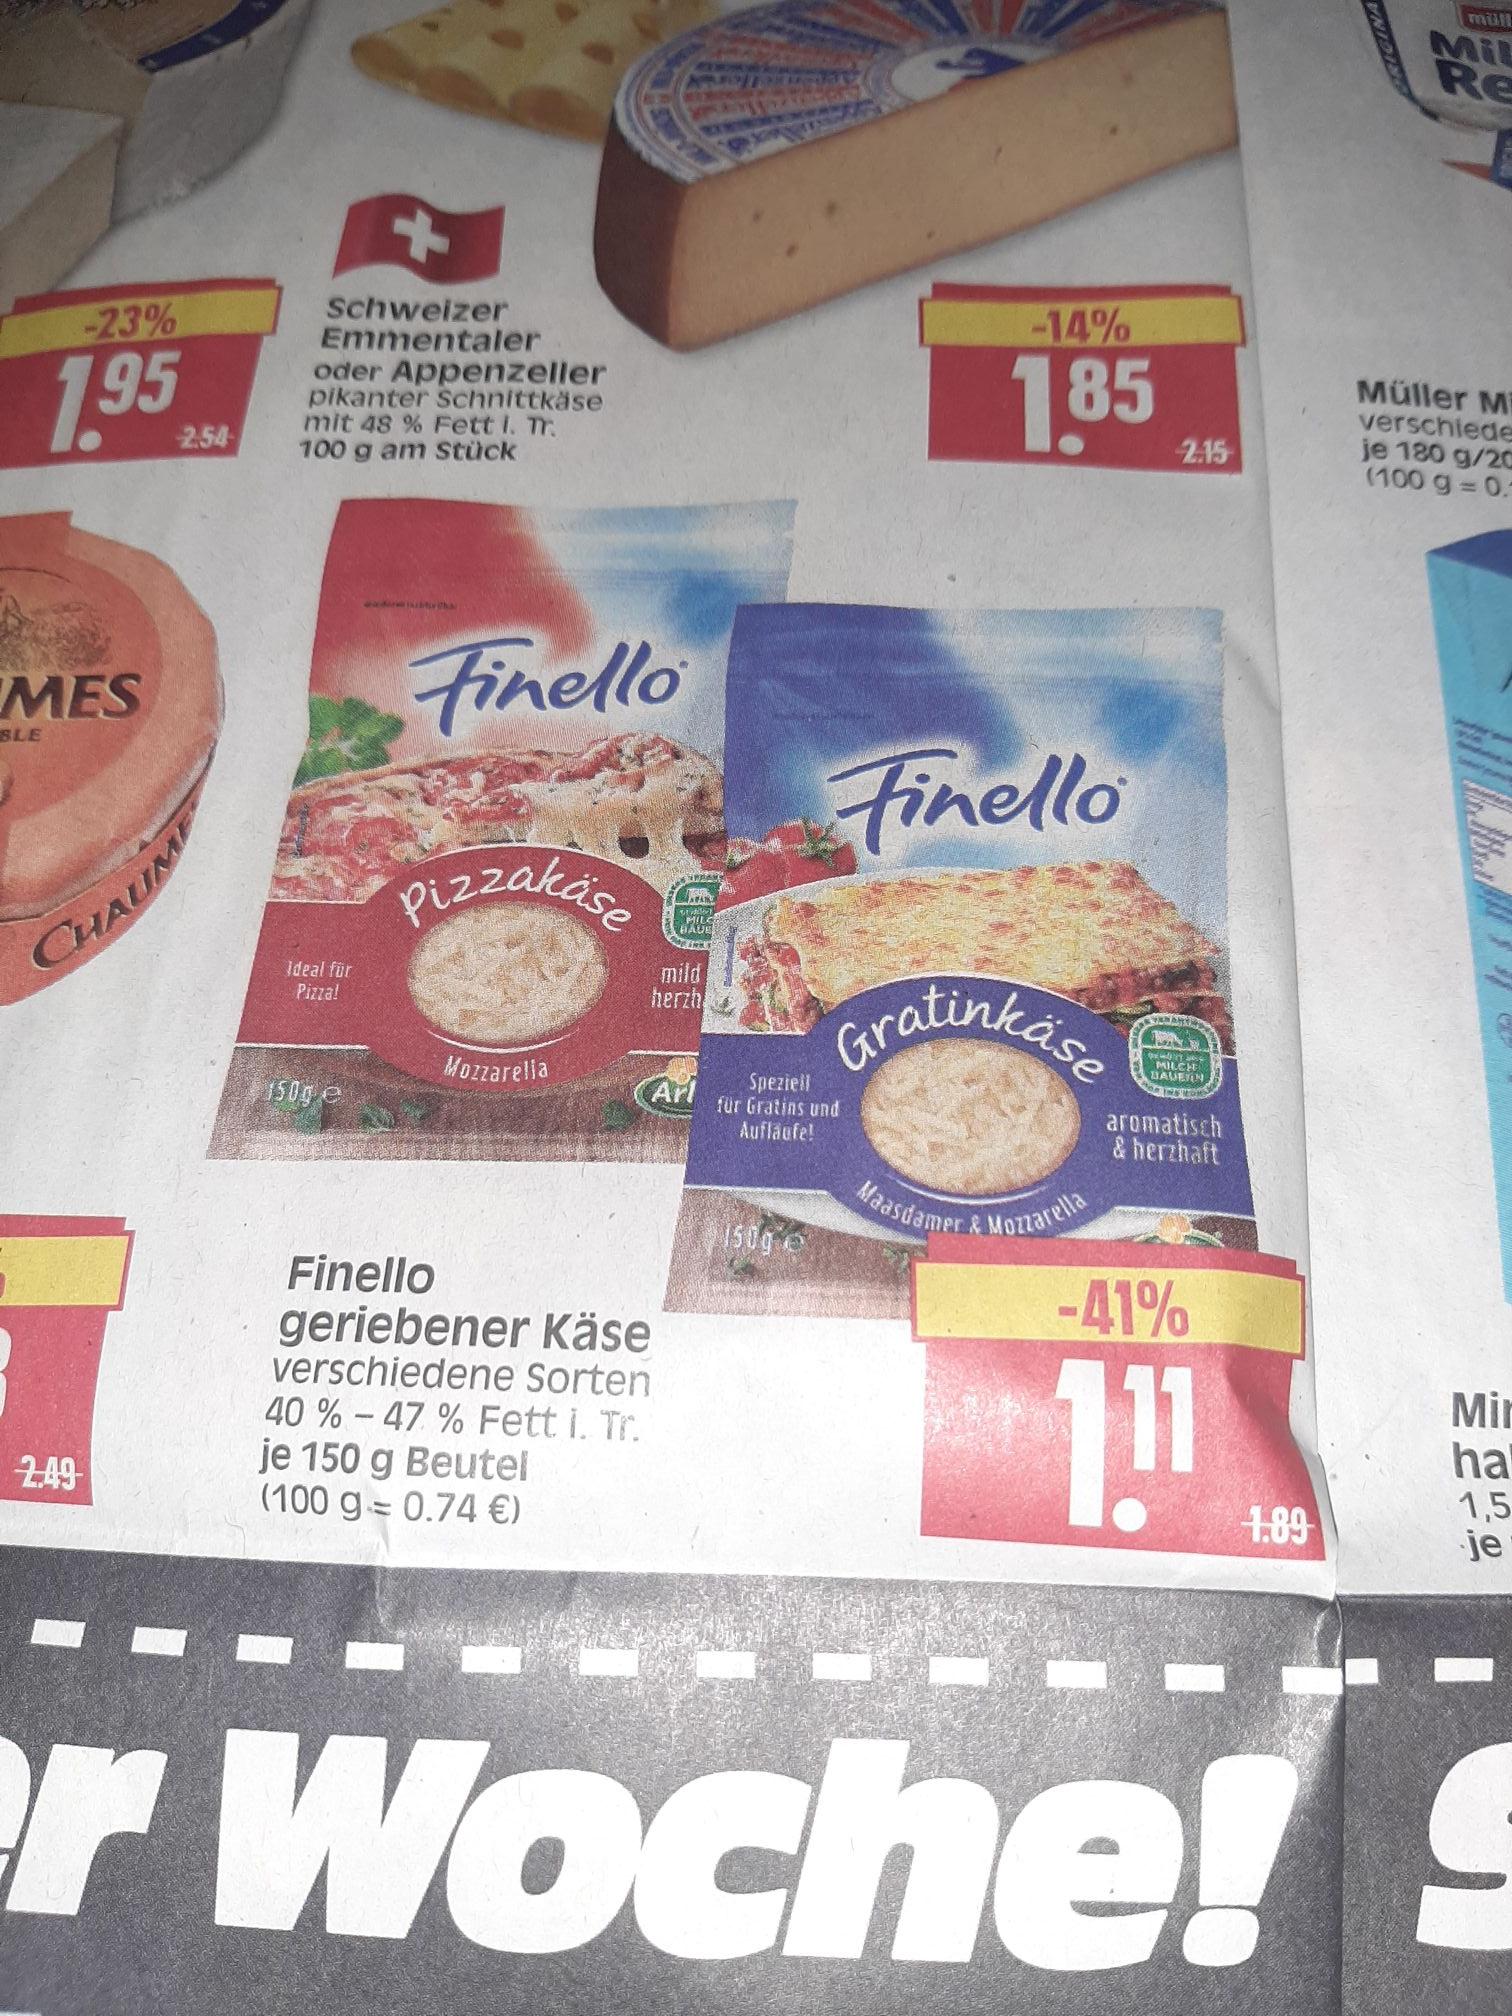 Arla Finello nur 1.11€